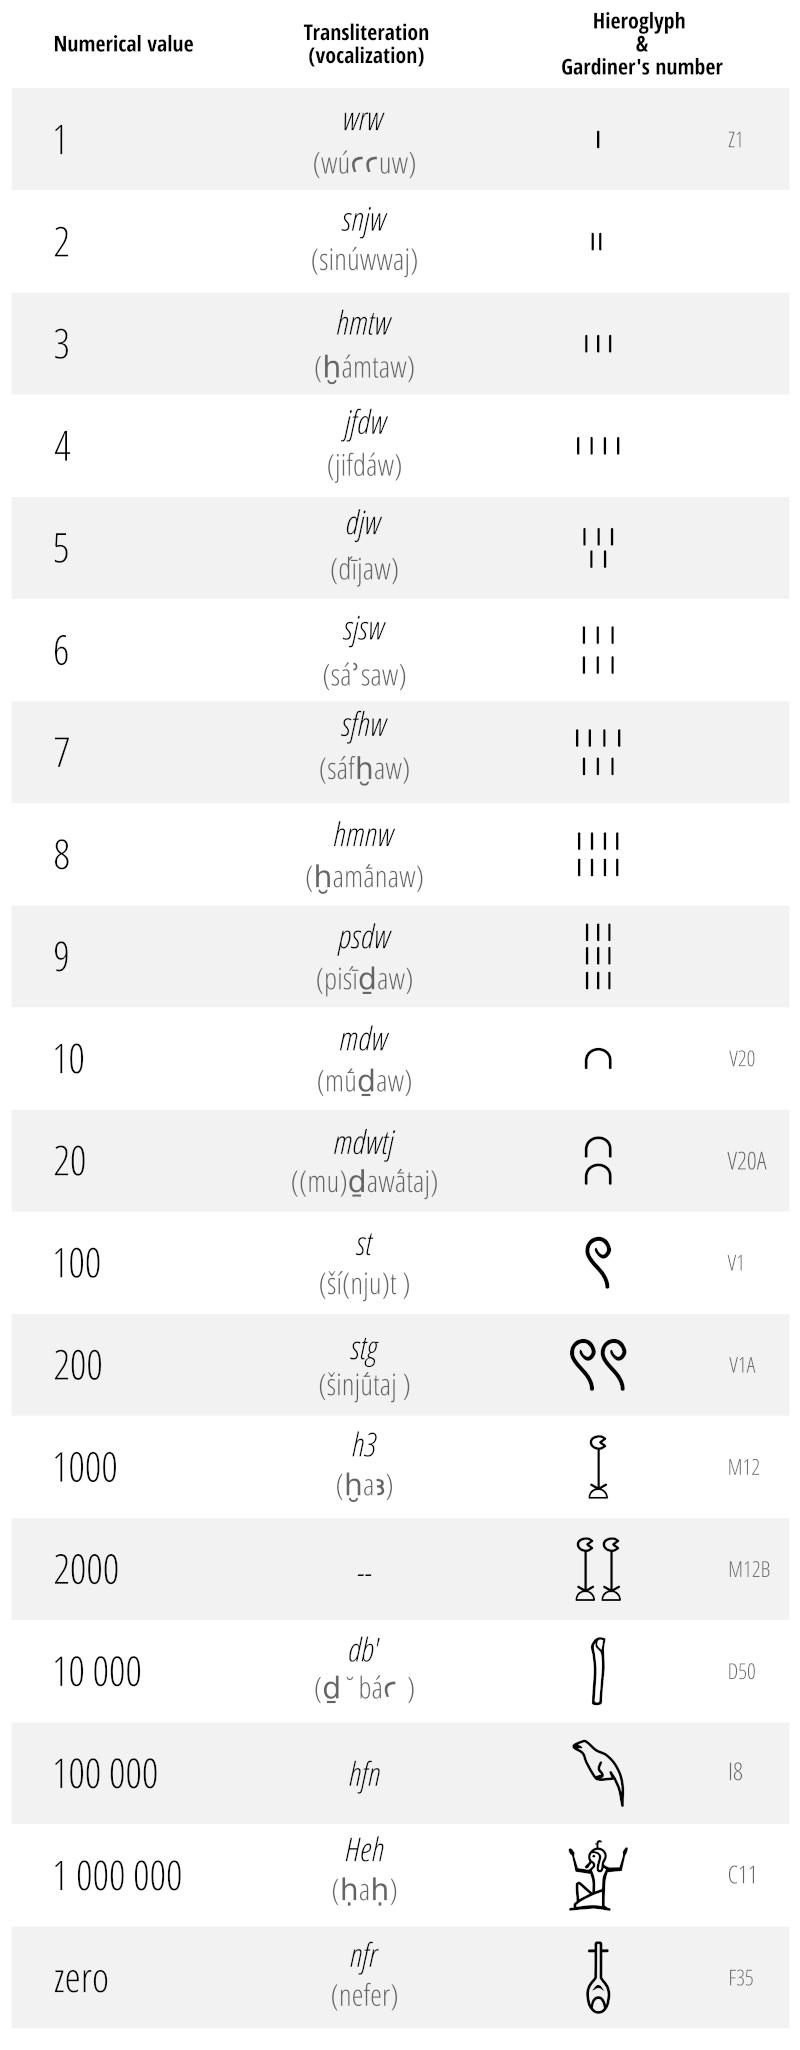 egyptian hieroglyphs - numerals